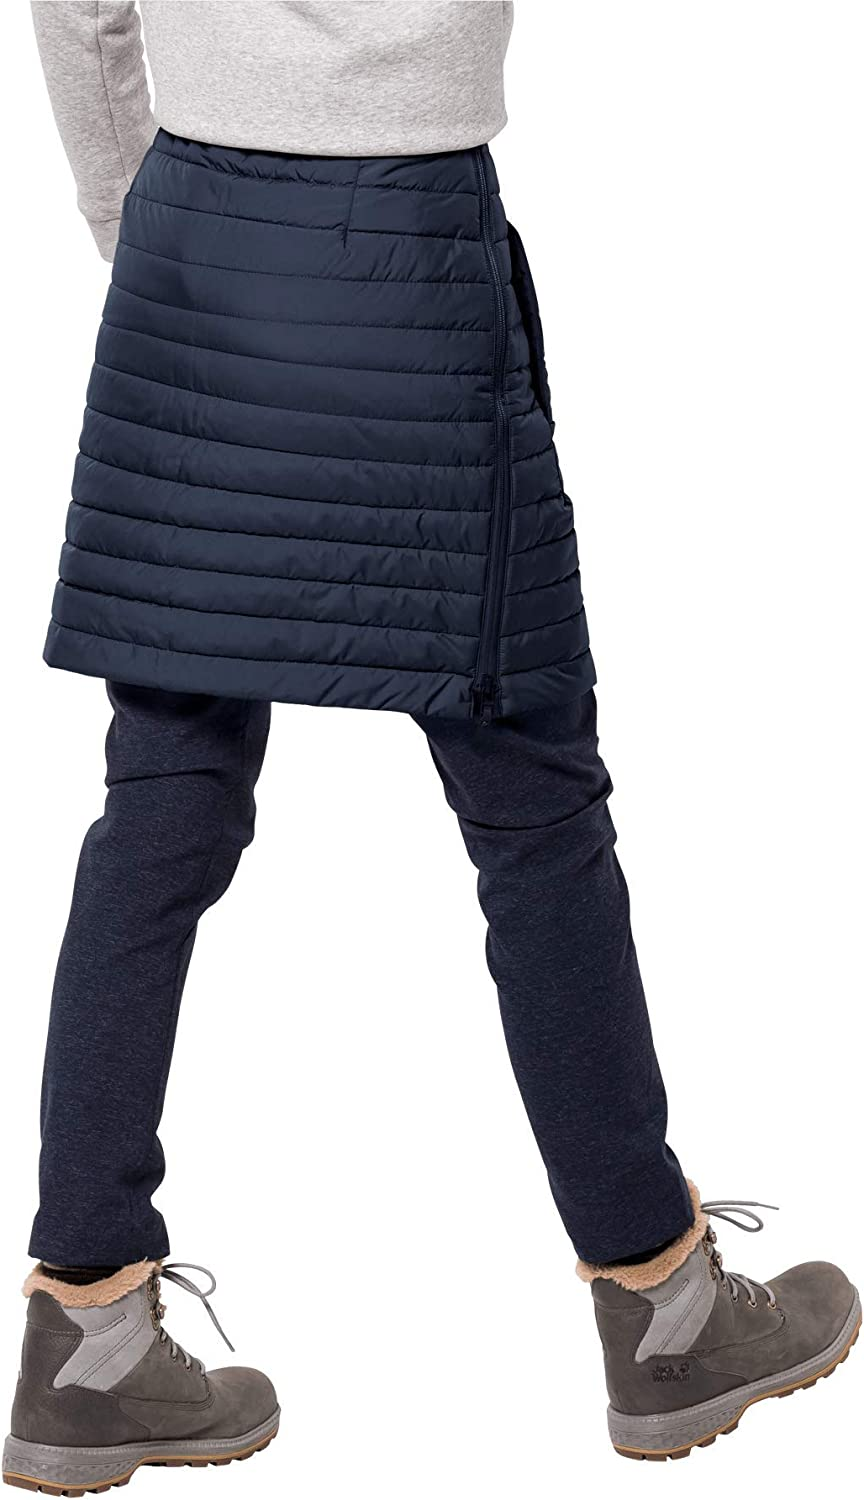 Jack Wolfskin Damen Iceguard Skirt winddichter Rock Midnight Blue